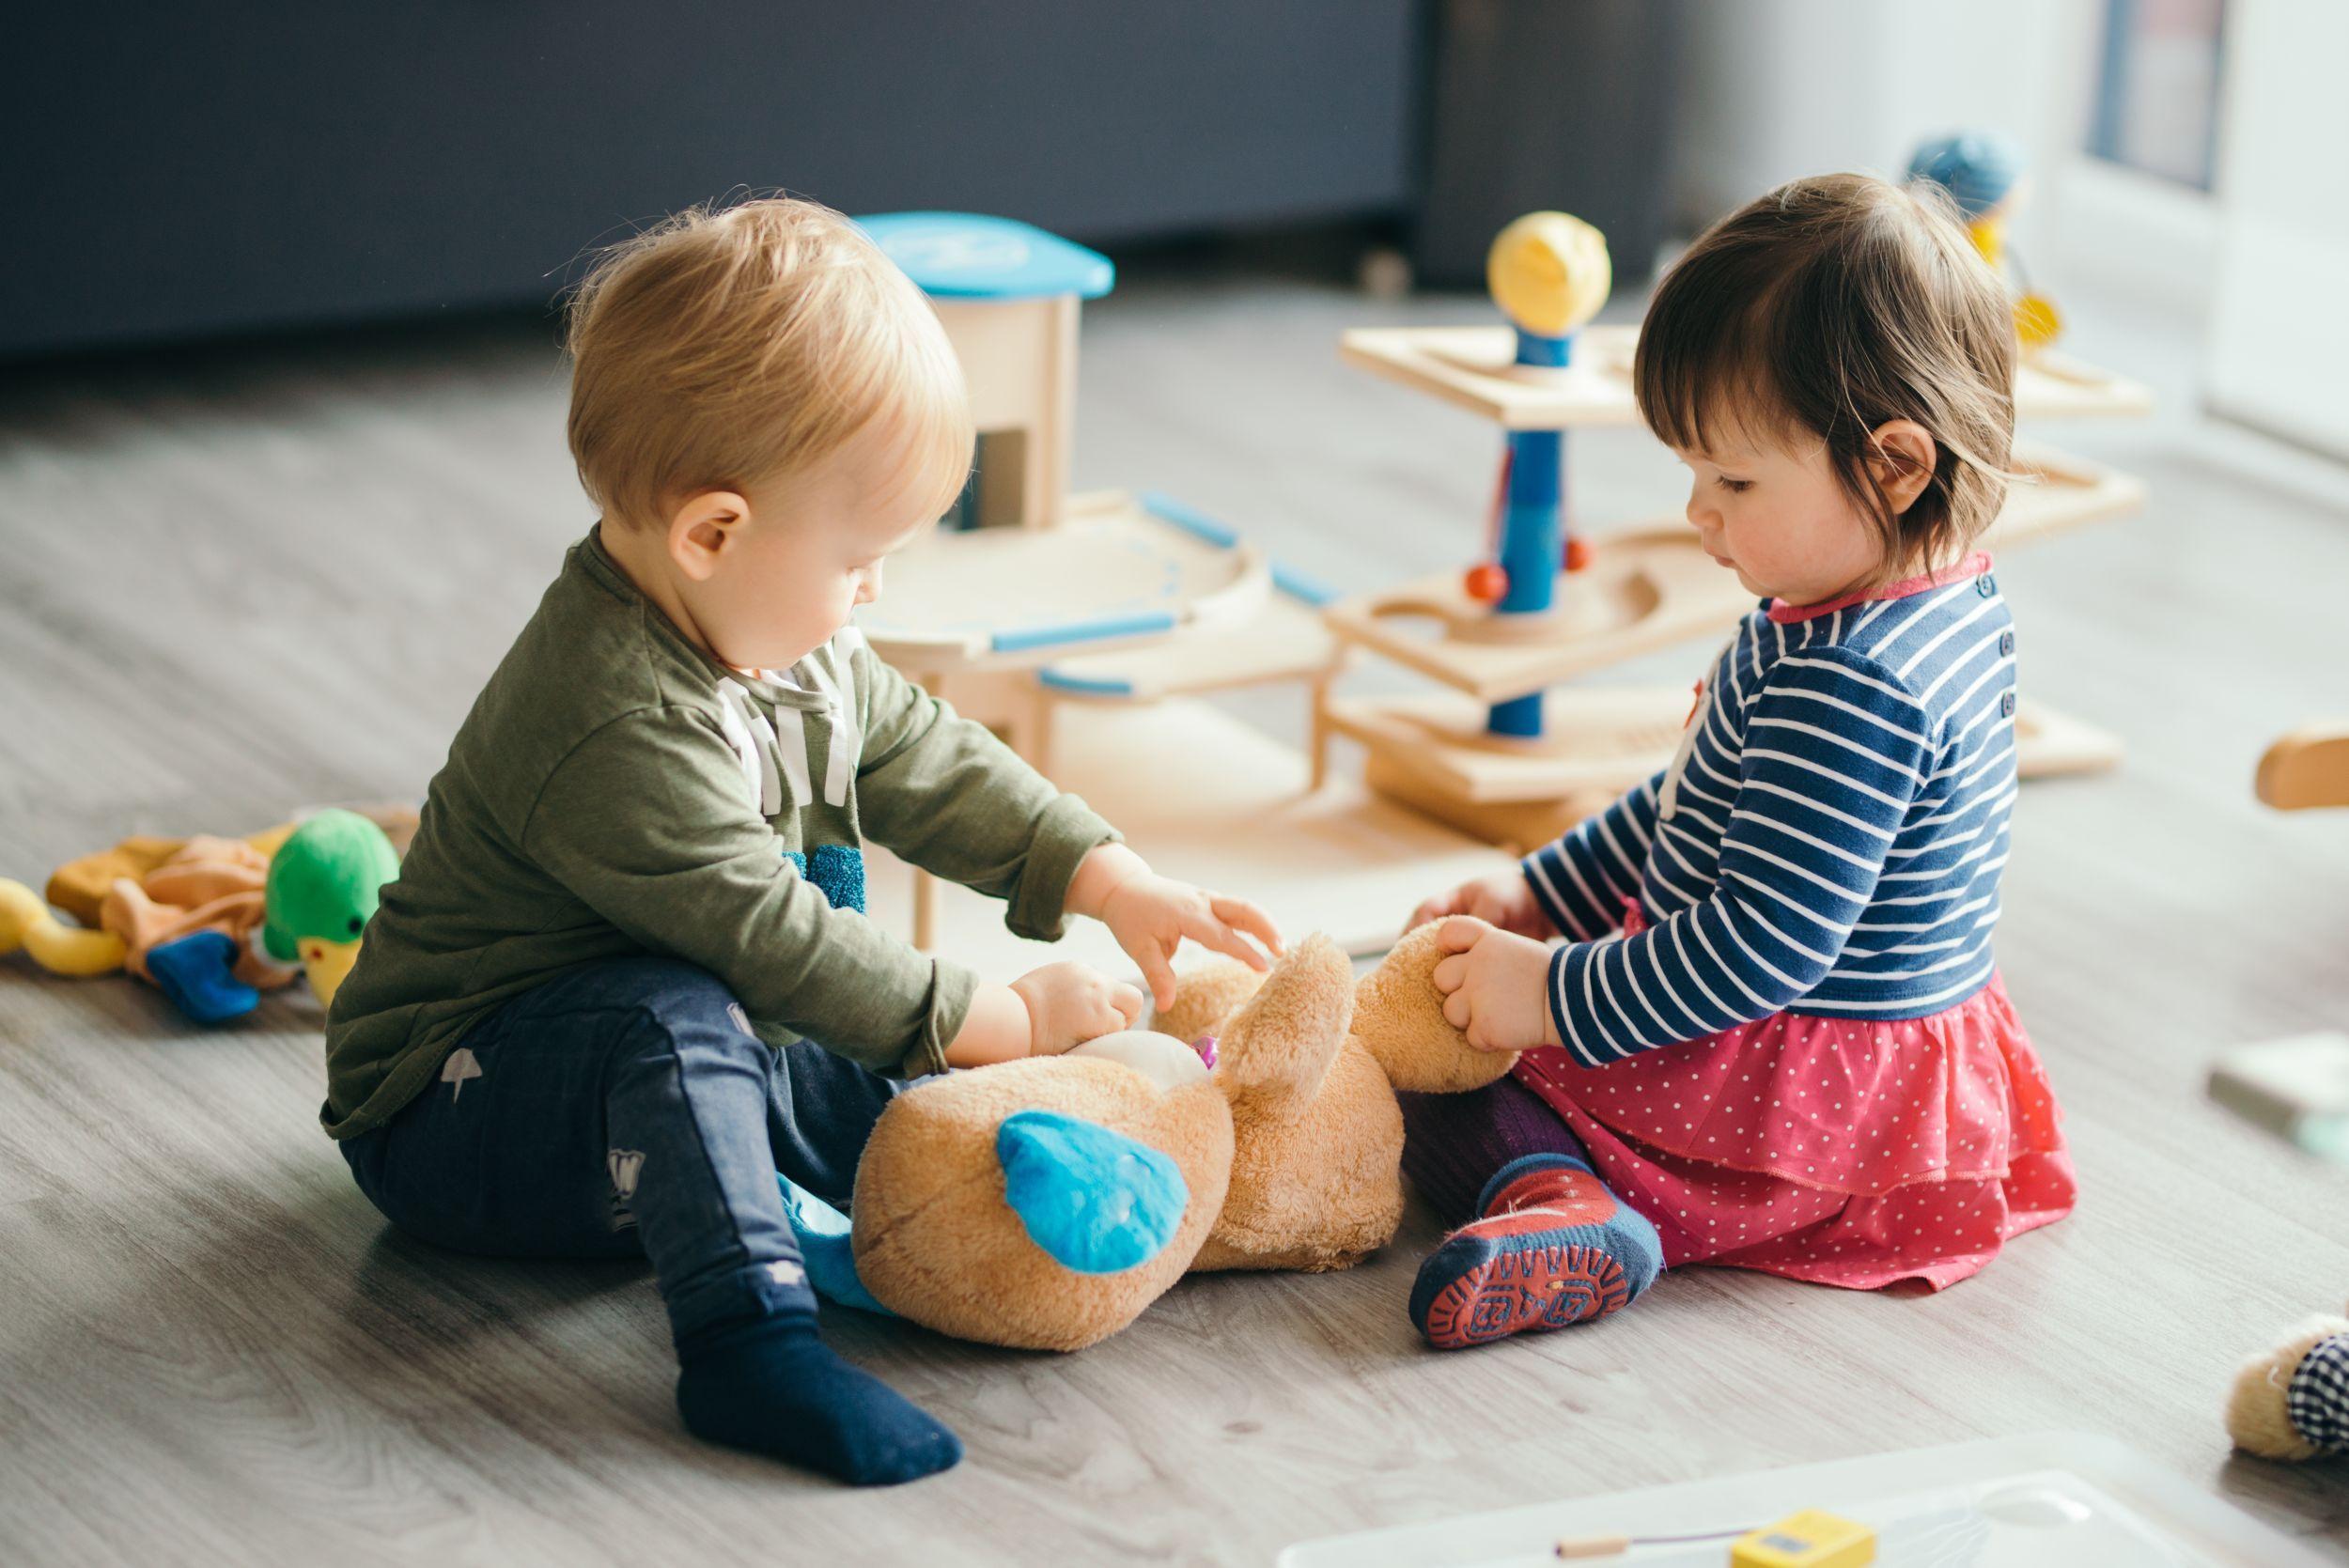 Lapsi oppii päiväryhmässä sosiaalisia taitoja - Ensi- ja turvakotien liitto